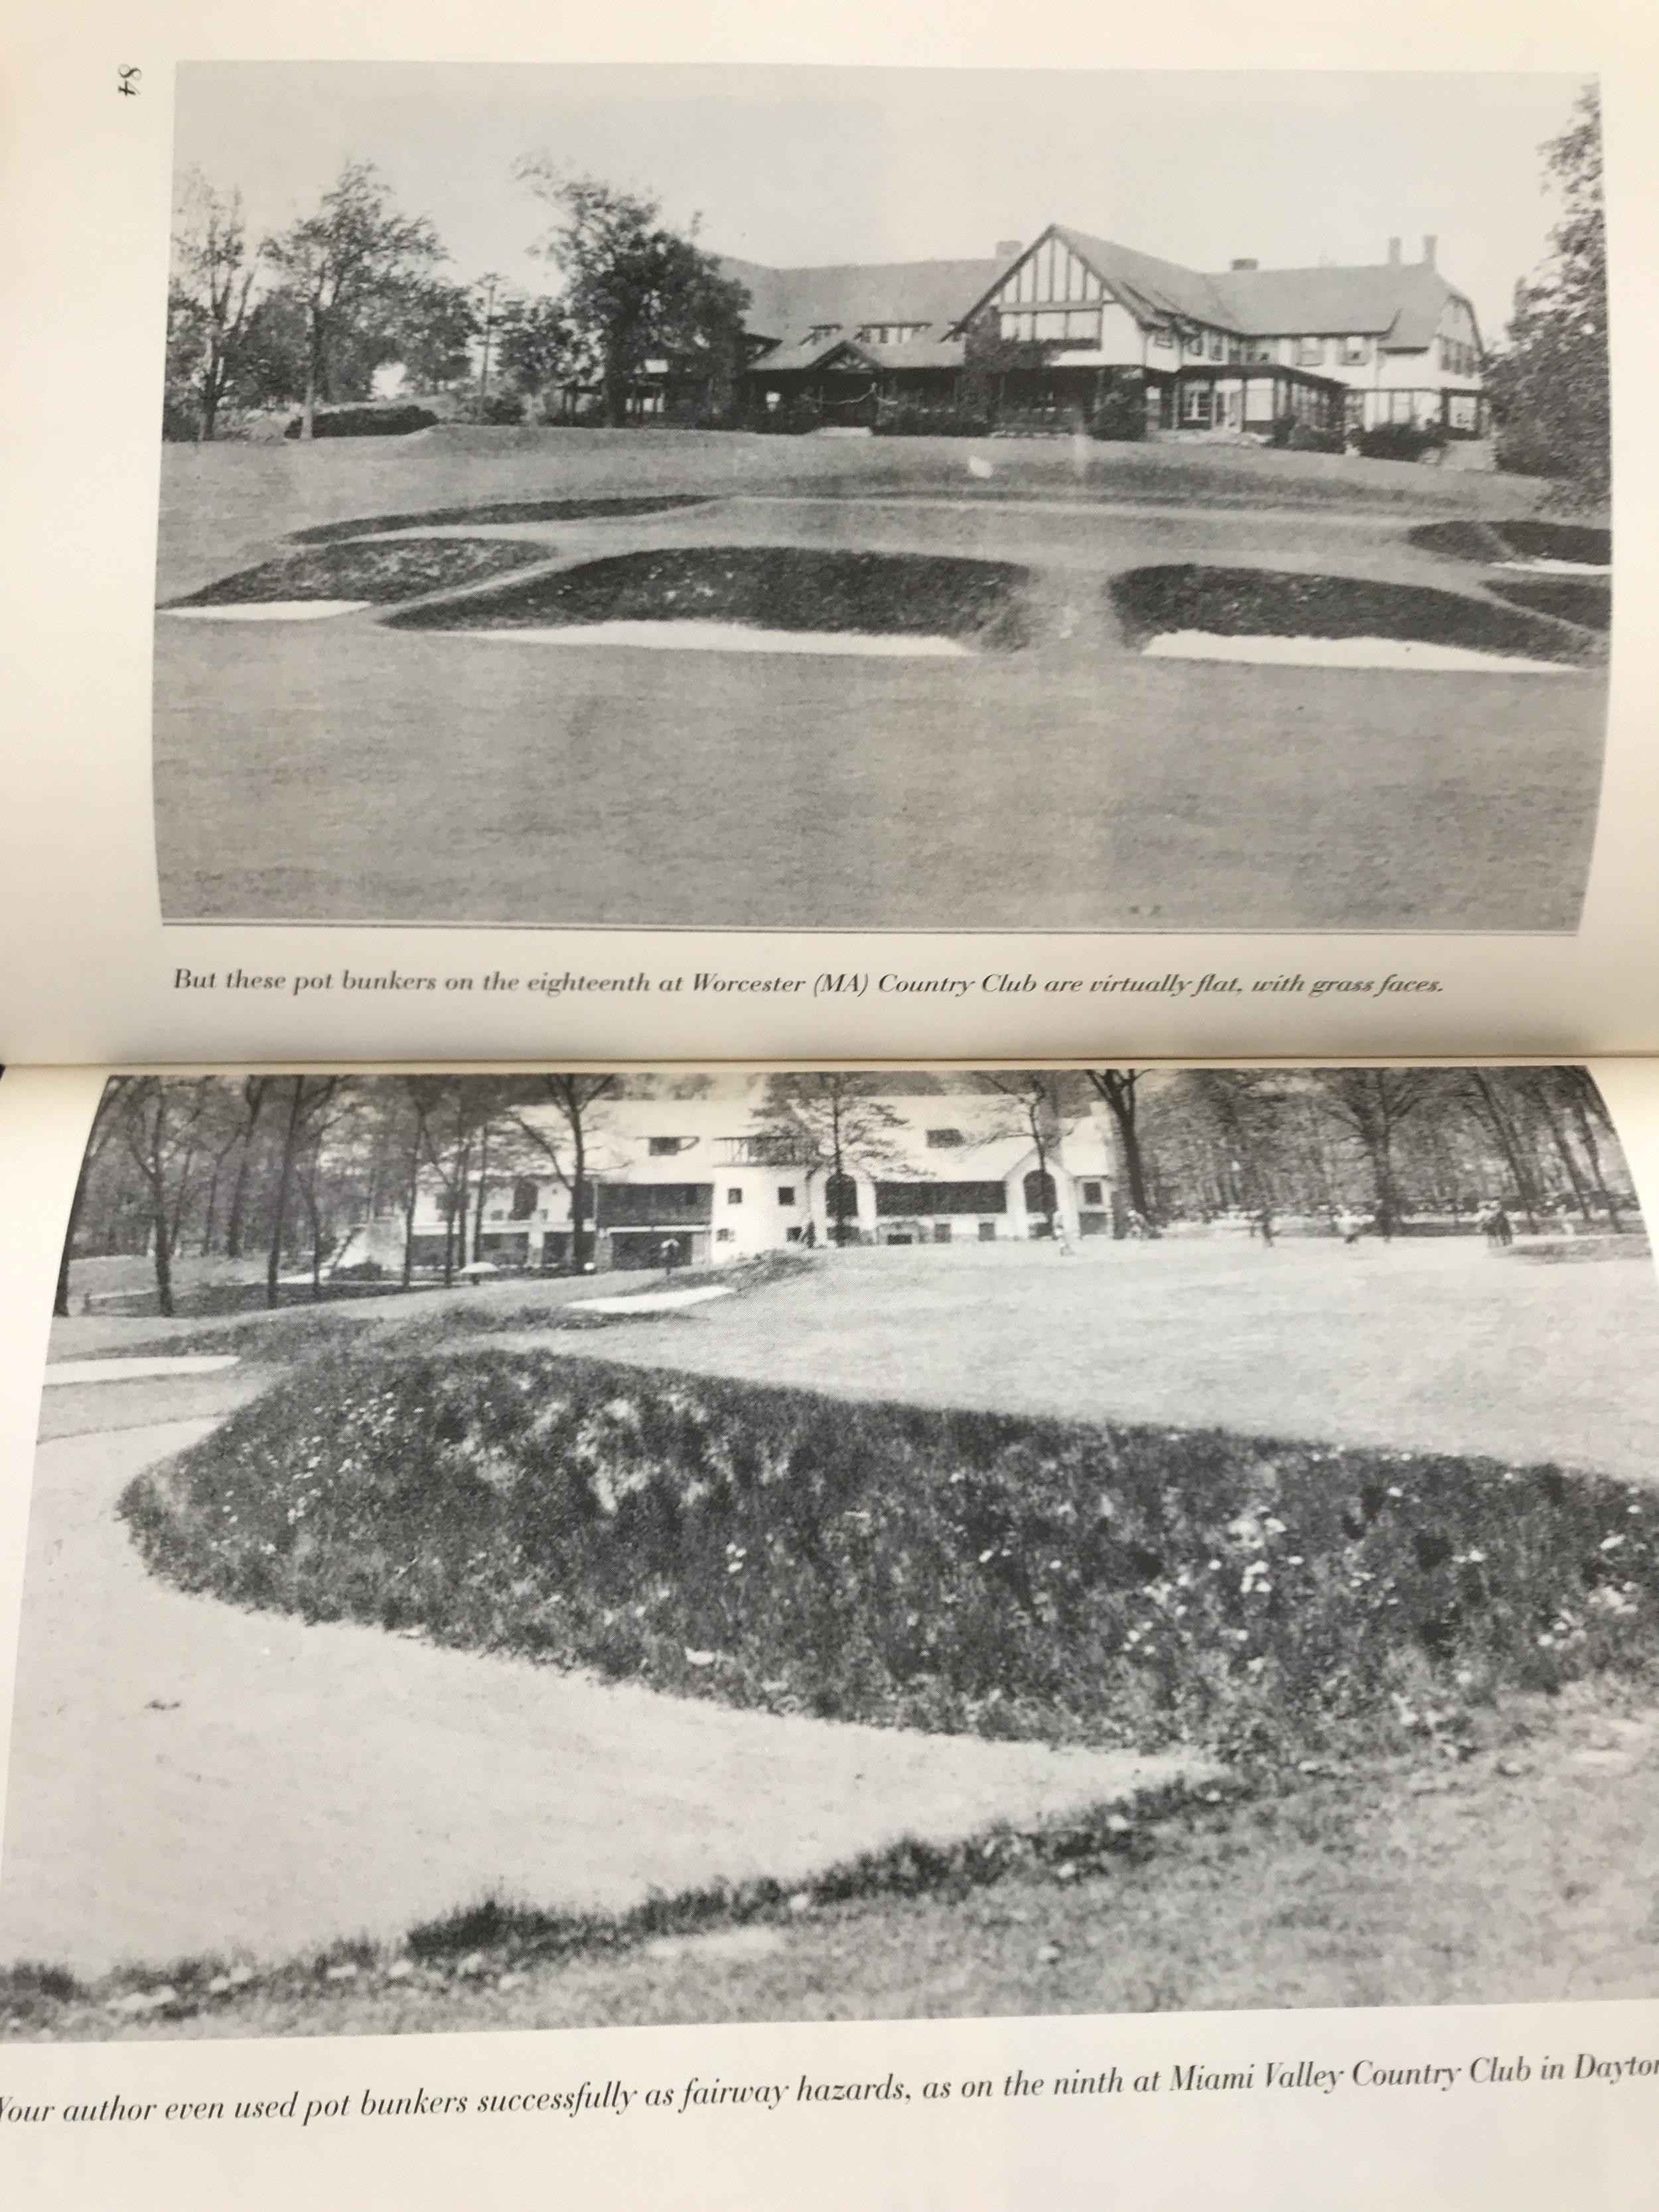 hochstein-design-bunkers-thin-grass-worcestor-miami-valley.JPG